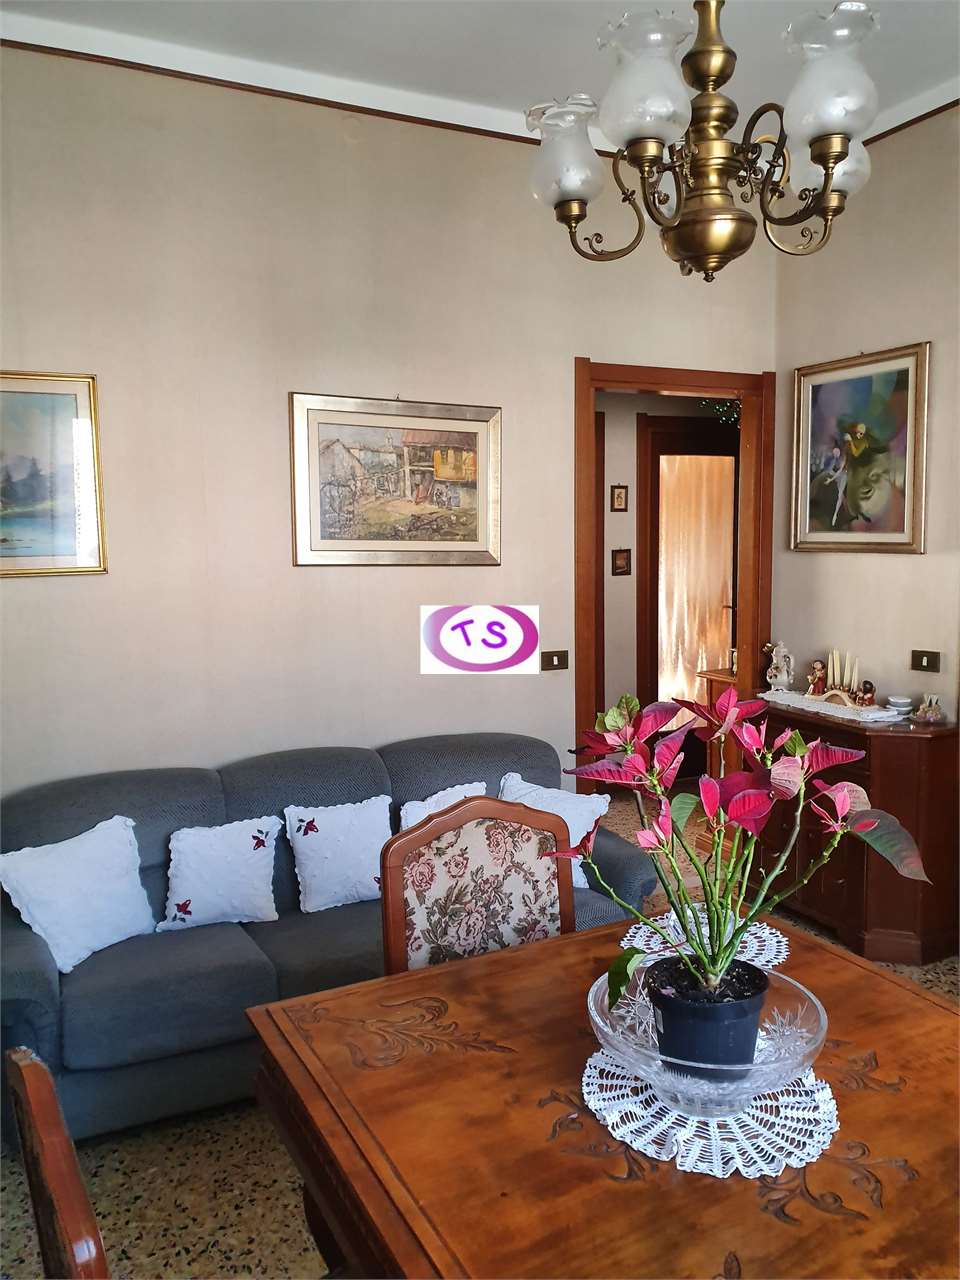 Appartamento in vendita a Casale Monferrato, 4 locali, prezzo € 60.000 | CambioCasa.it